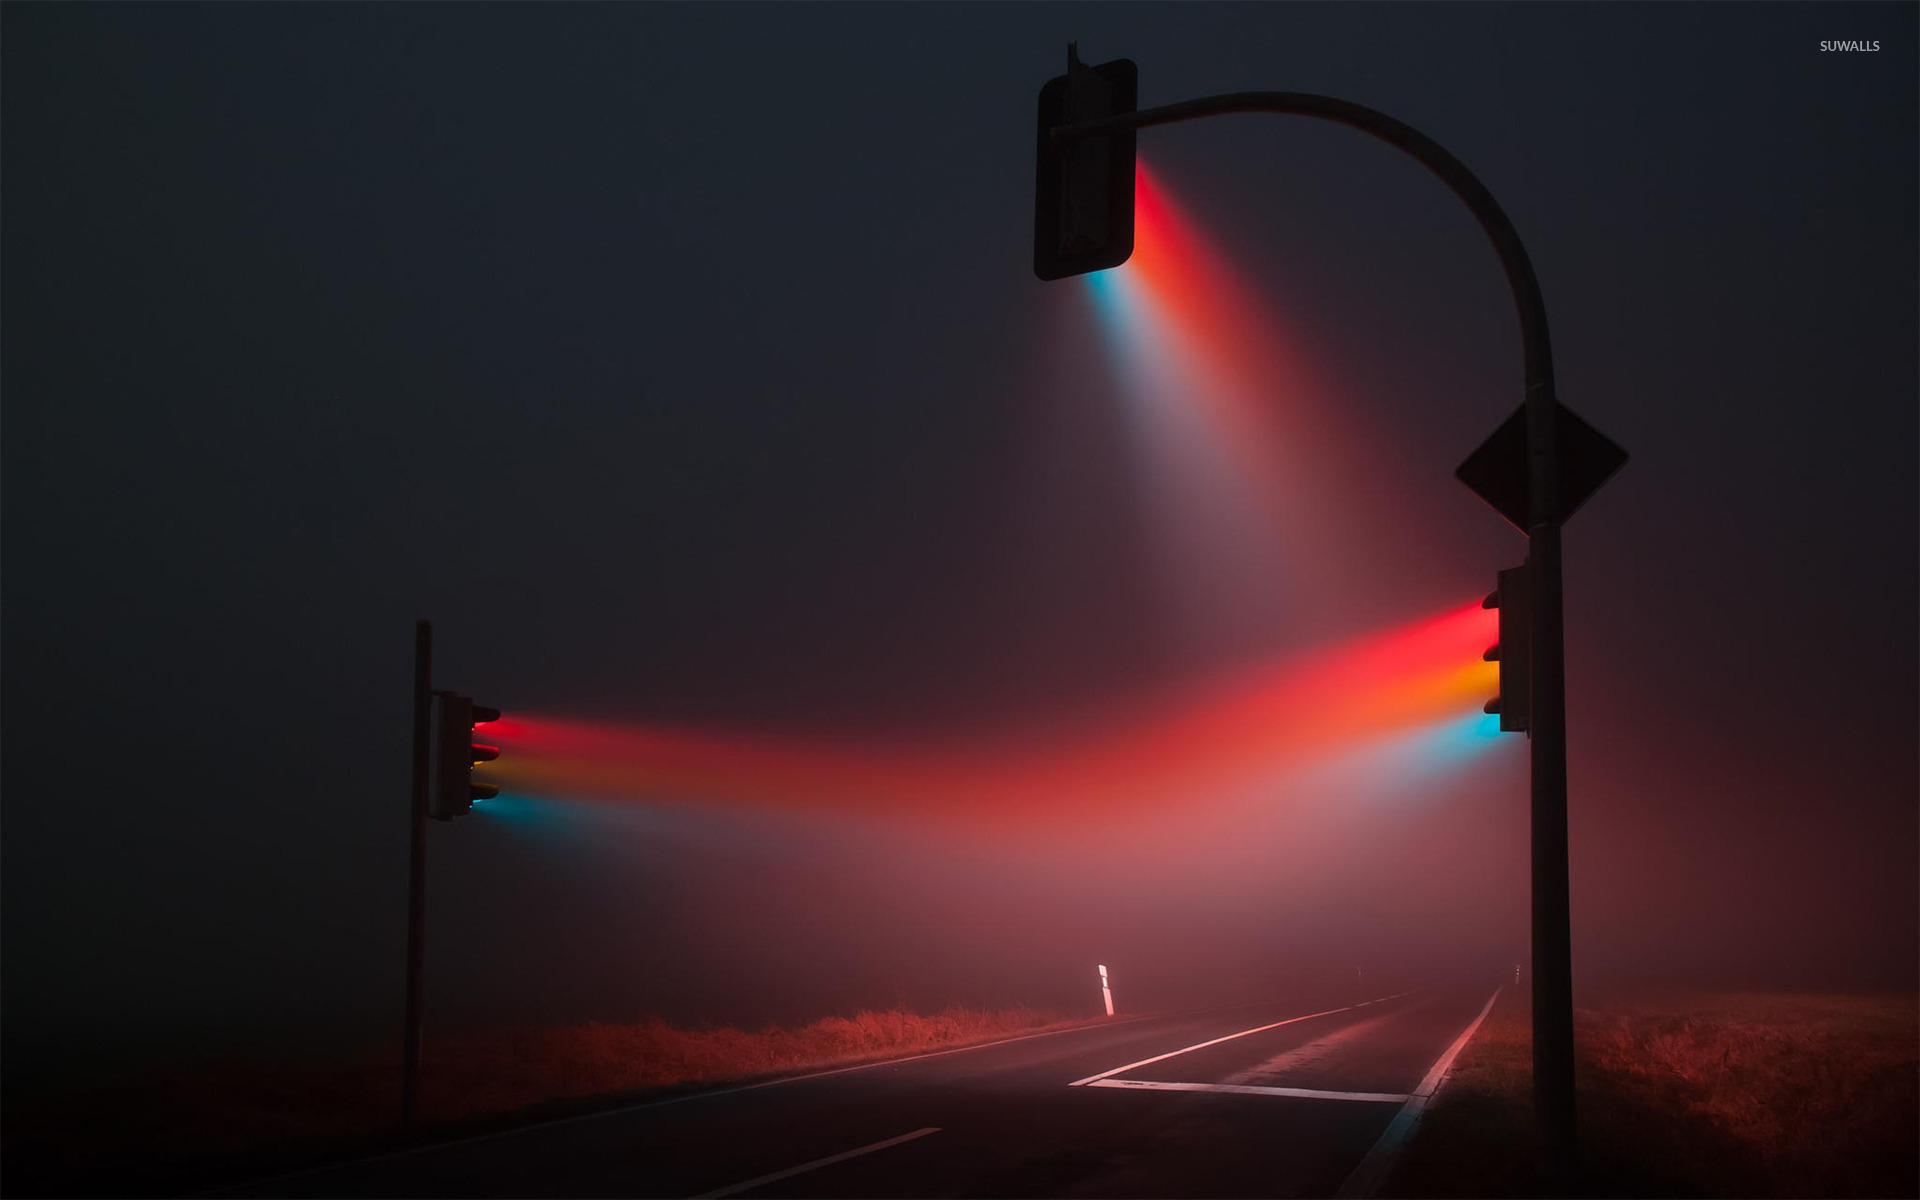 Traffic lights wallpaper